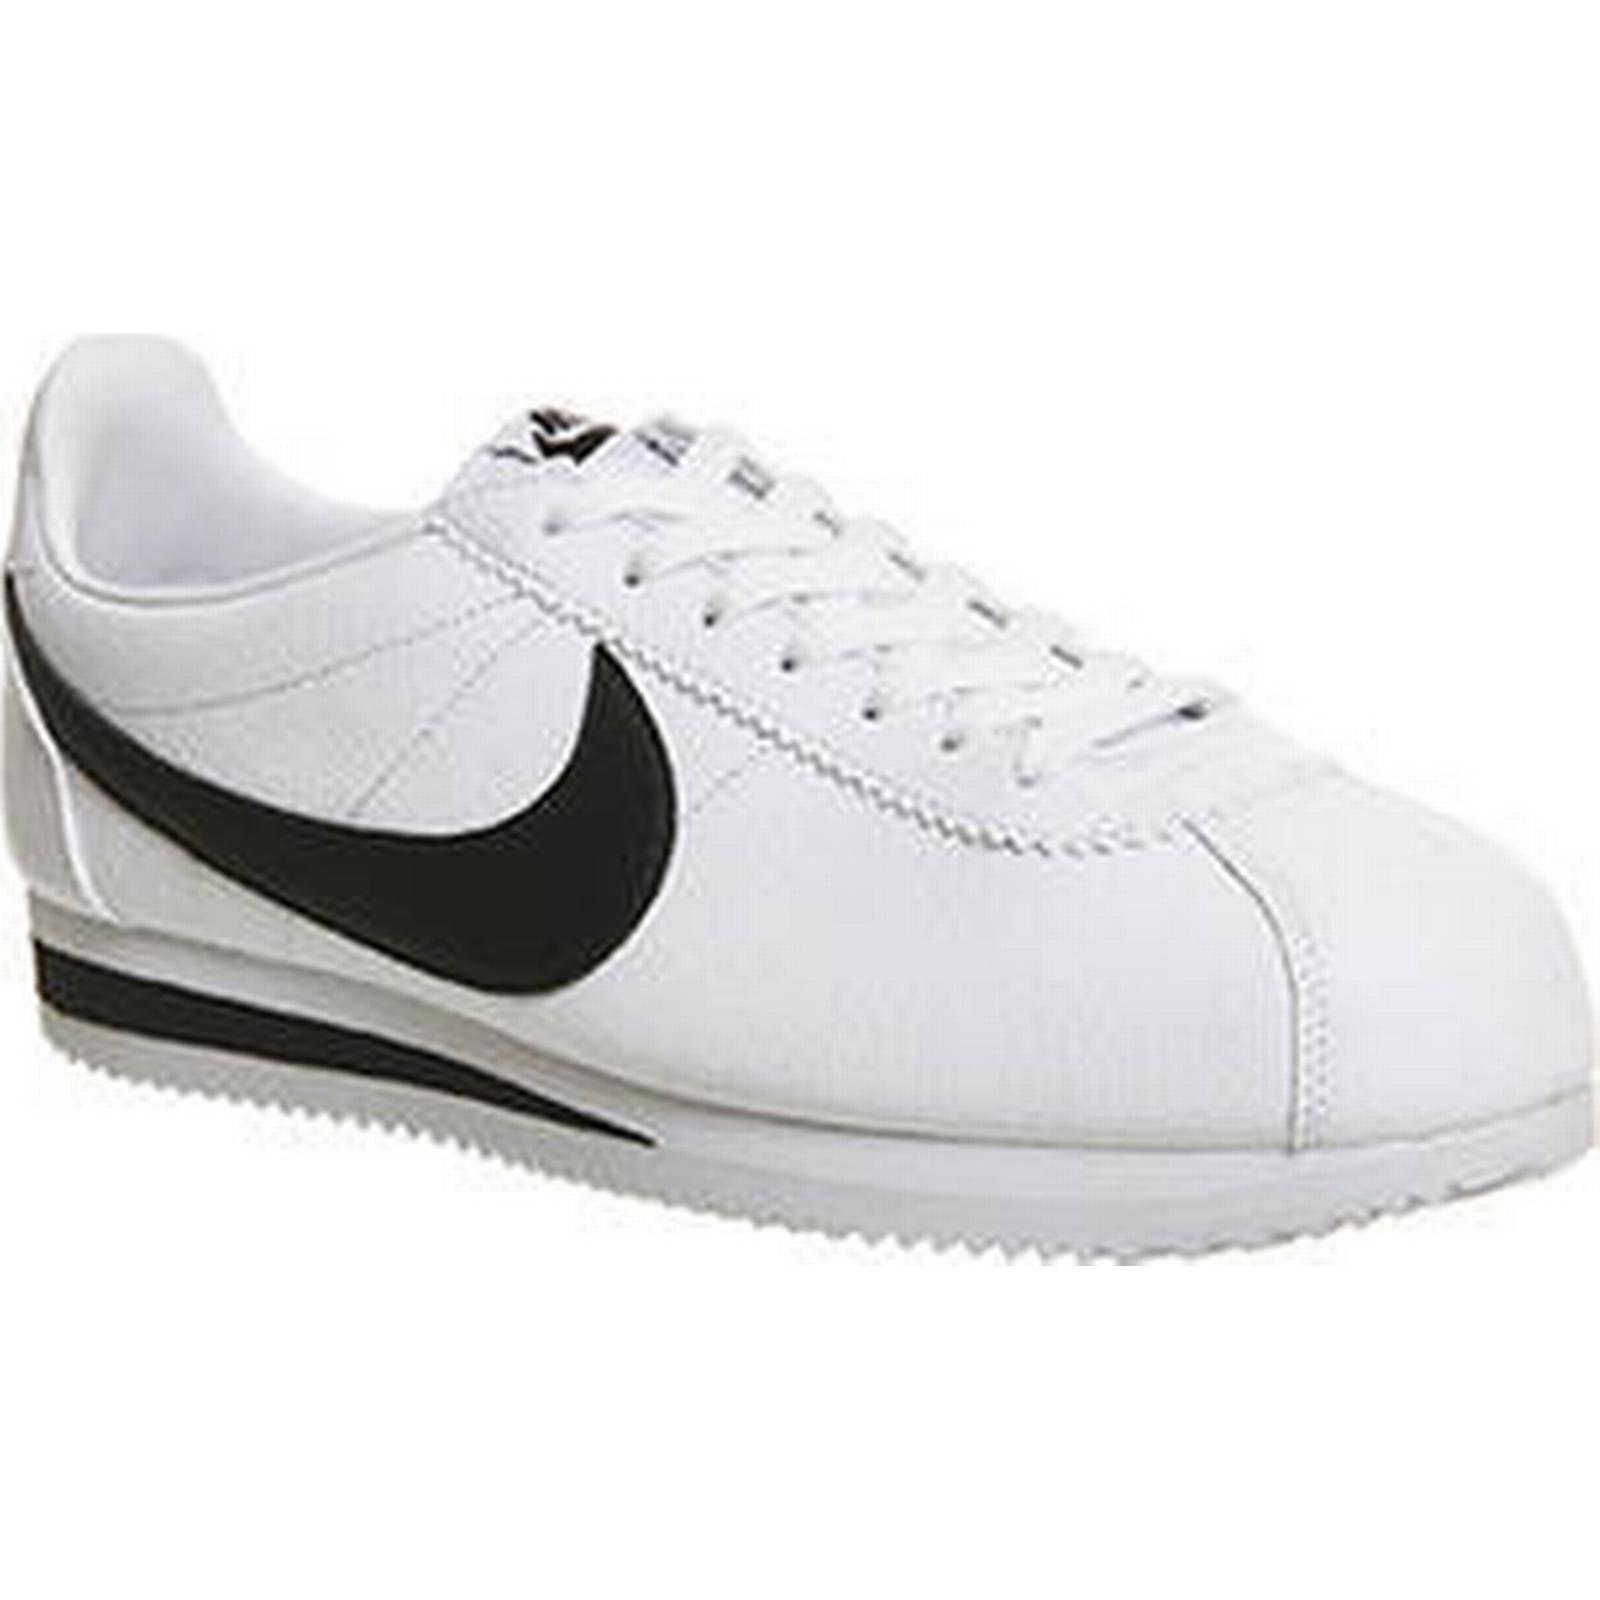 online store 8001e 093ea sweden chaussure nike classic cortez pour femme 512e6 a10d0  official nike  cortez classic cortez nike og noir blanc d15be6 en cuir noir og 34568c 11565